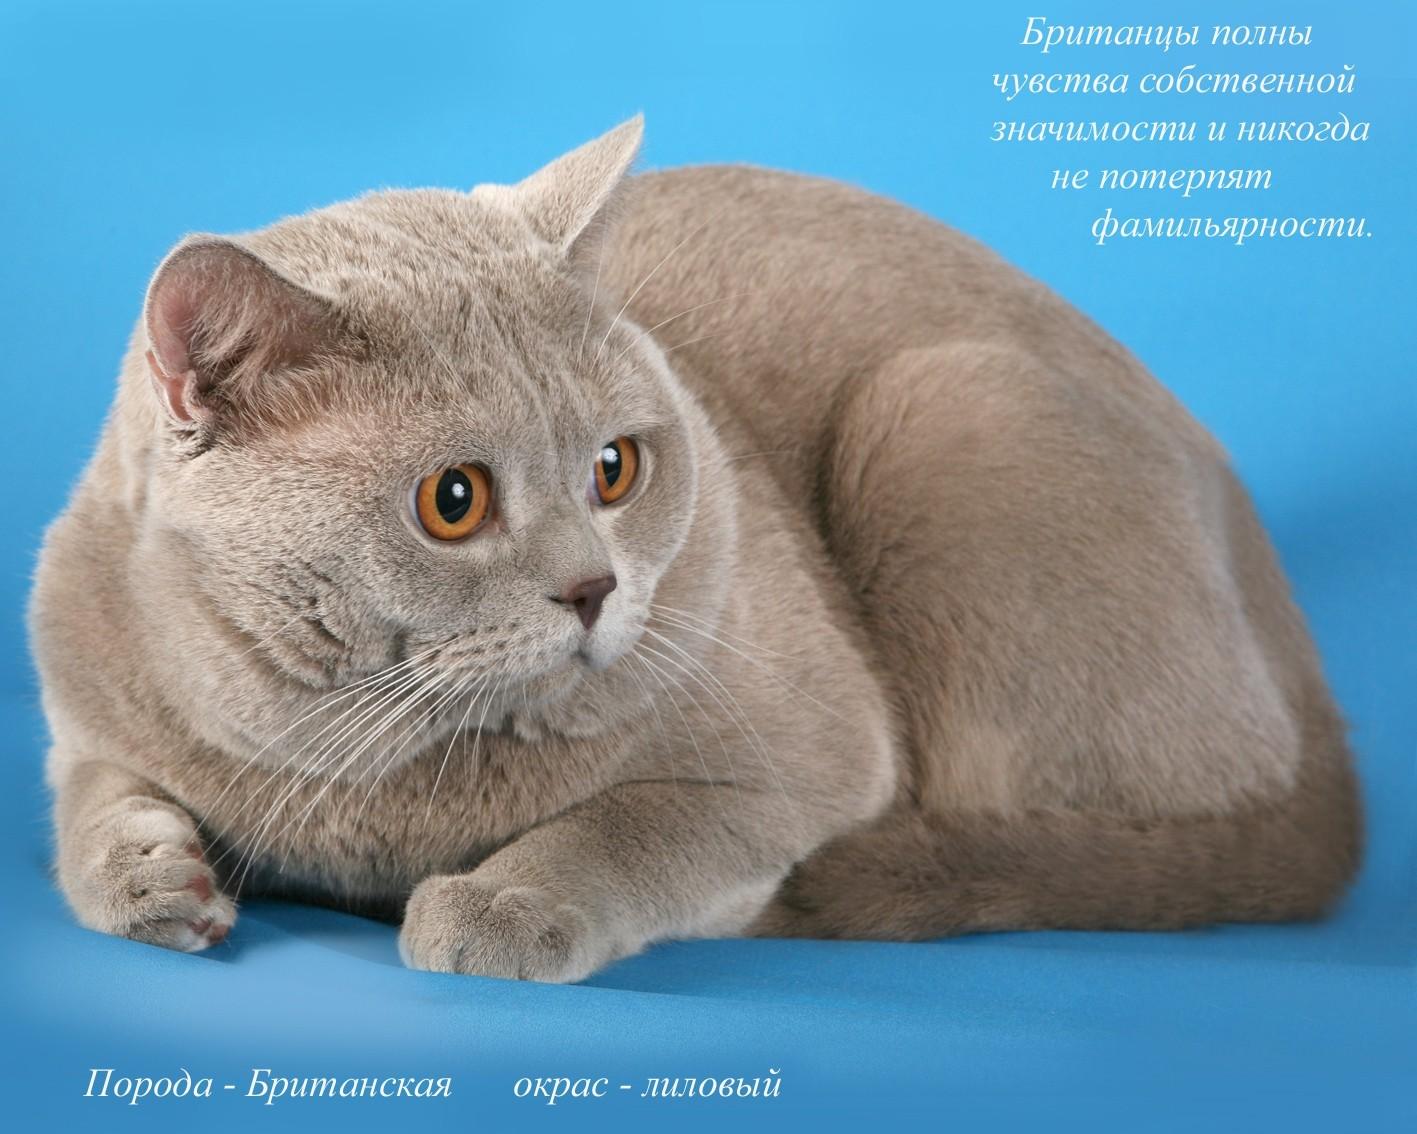 Месяцам для, картинки котов с надписью породы